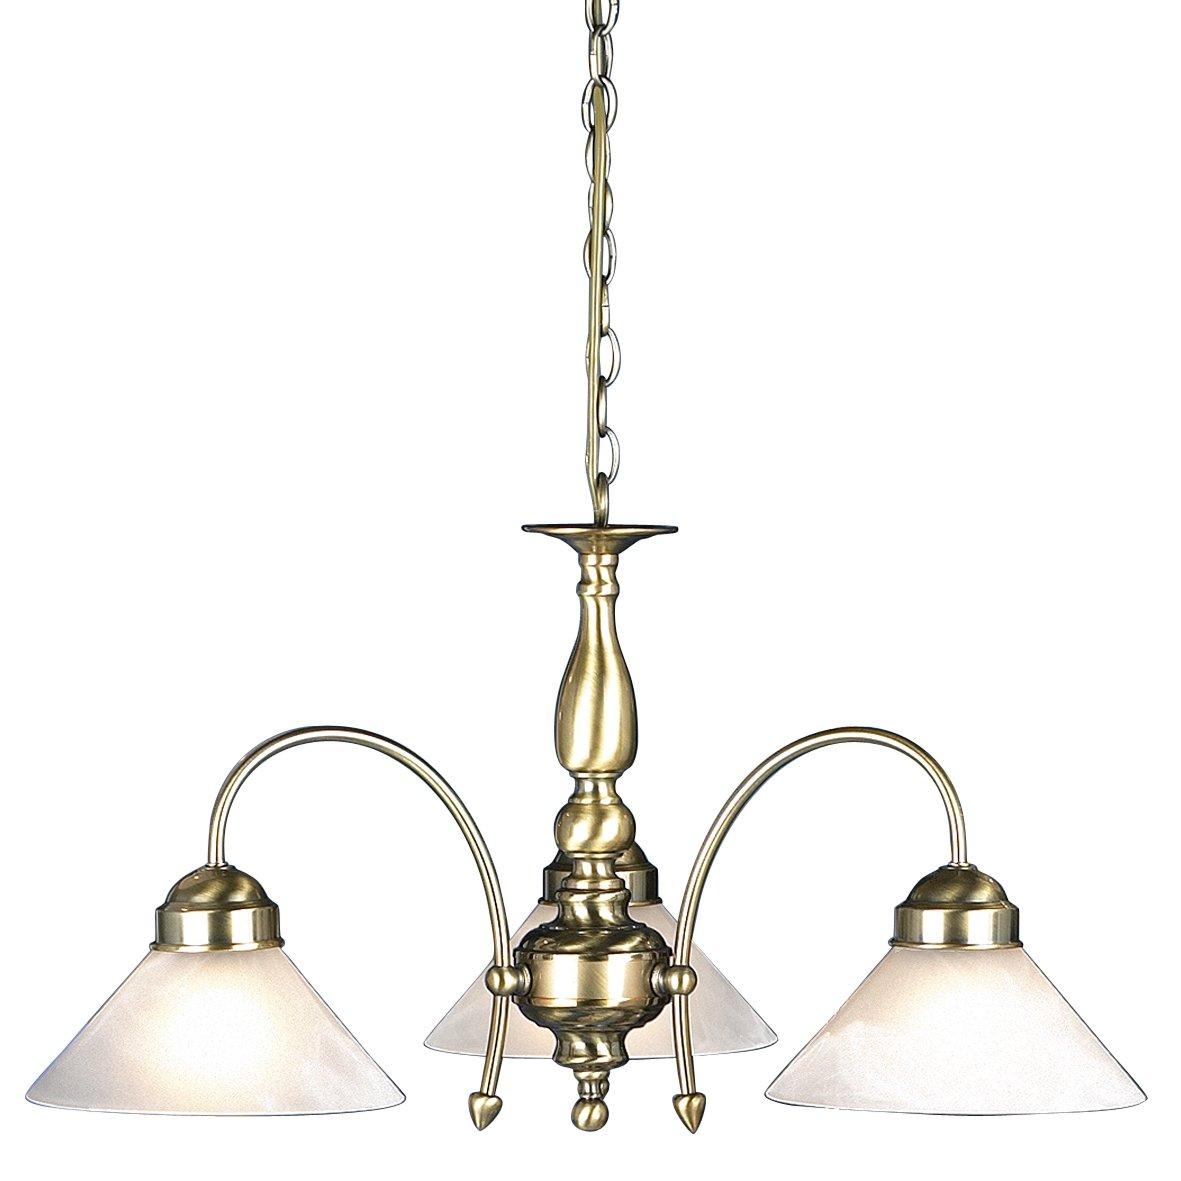 Honsel Leuchten Krone Antwerpen 16673